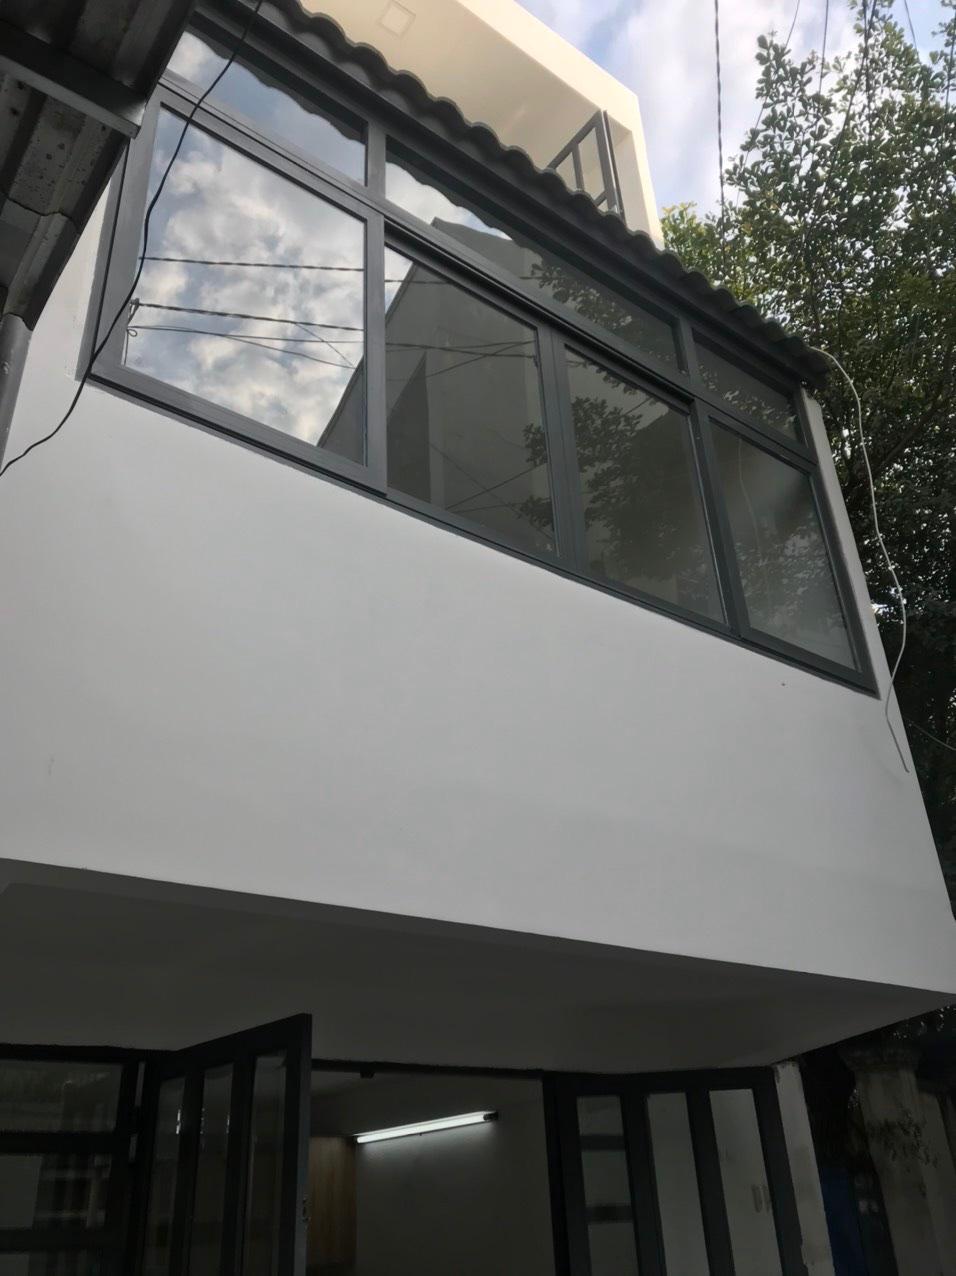 Cần bán nhà hẻm Trần Xuân Soạn, Tân Kiểng, quận 7, giá: 1 tỷ 850 triệu. TL, hướng Tây